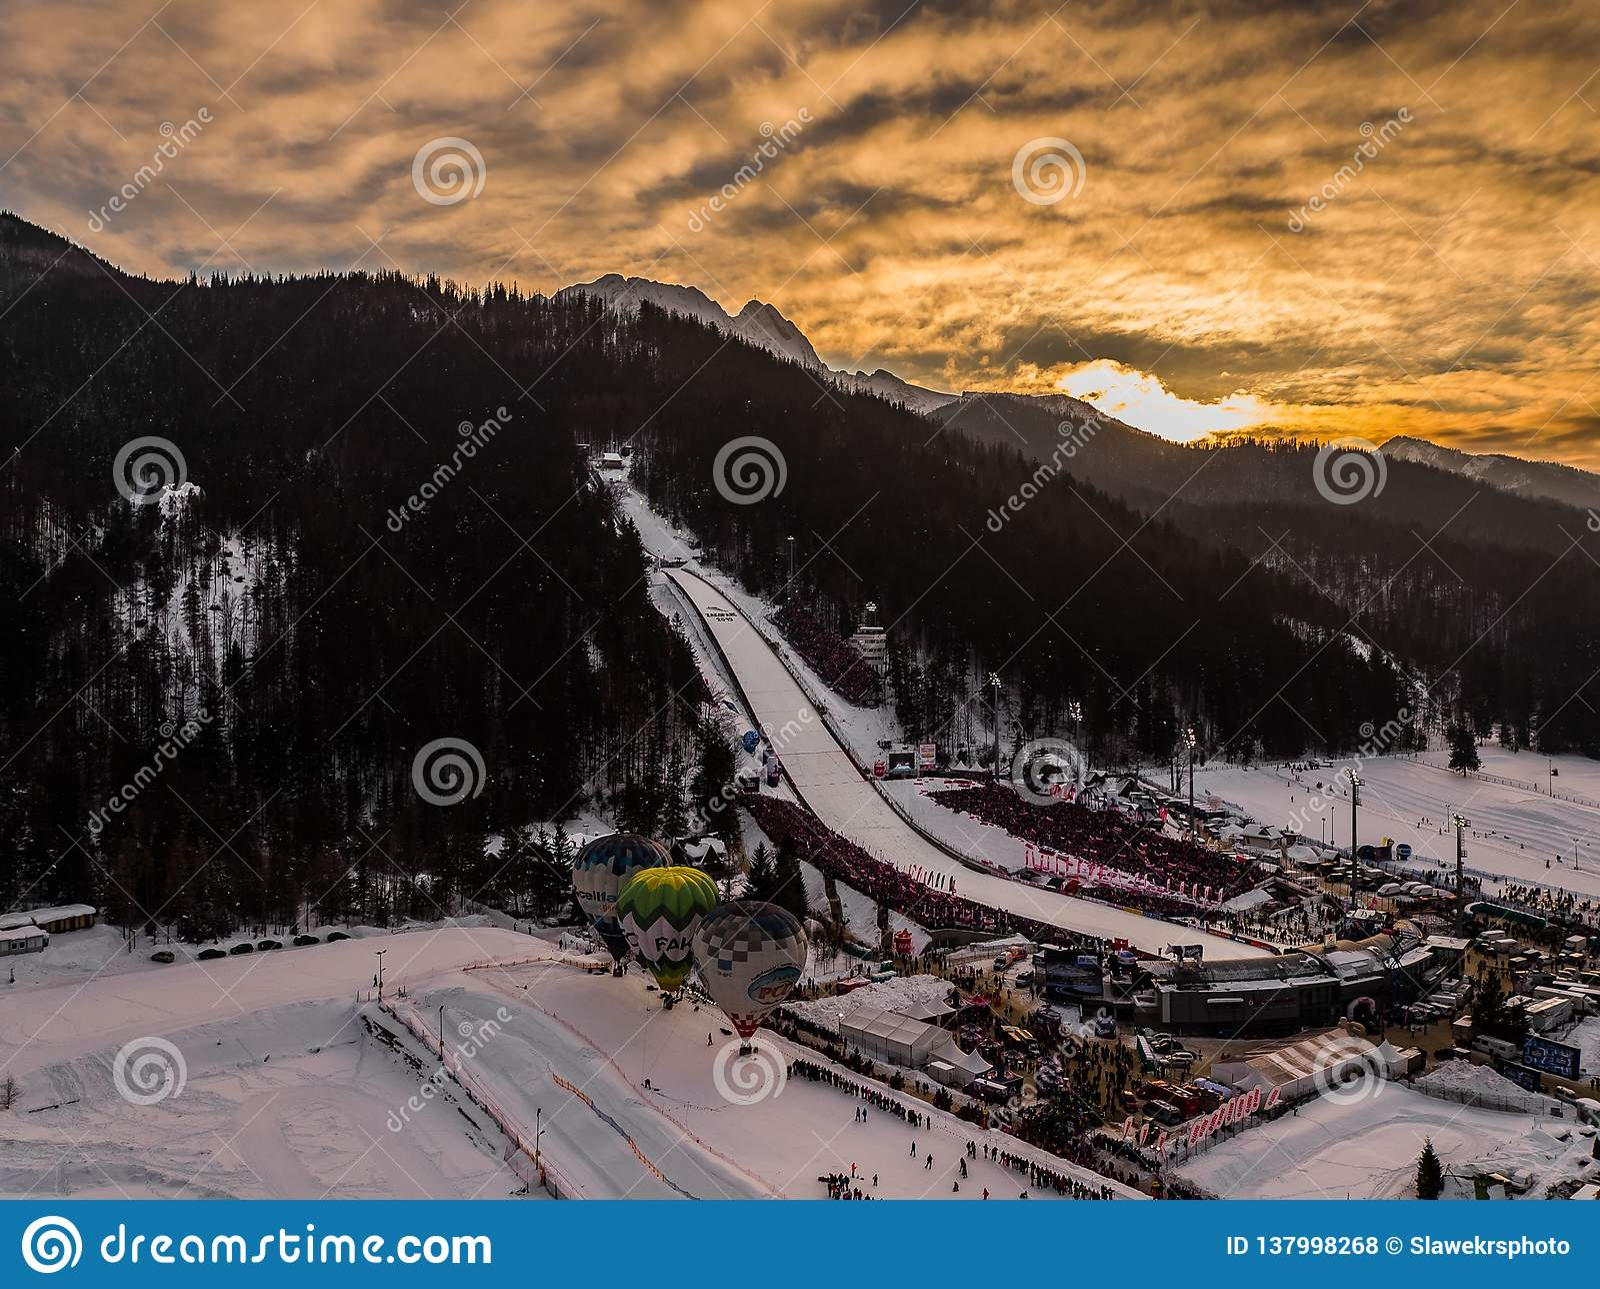 Zakopane Polen, Lucht het panoramafotografie van Wielka Krokiew De bergen Tatry van Polen